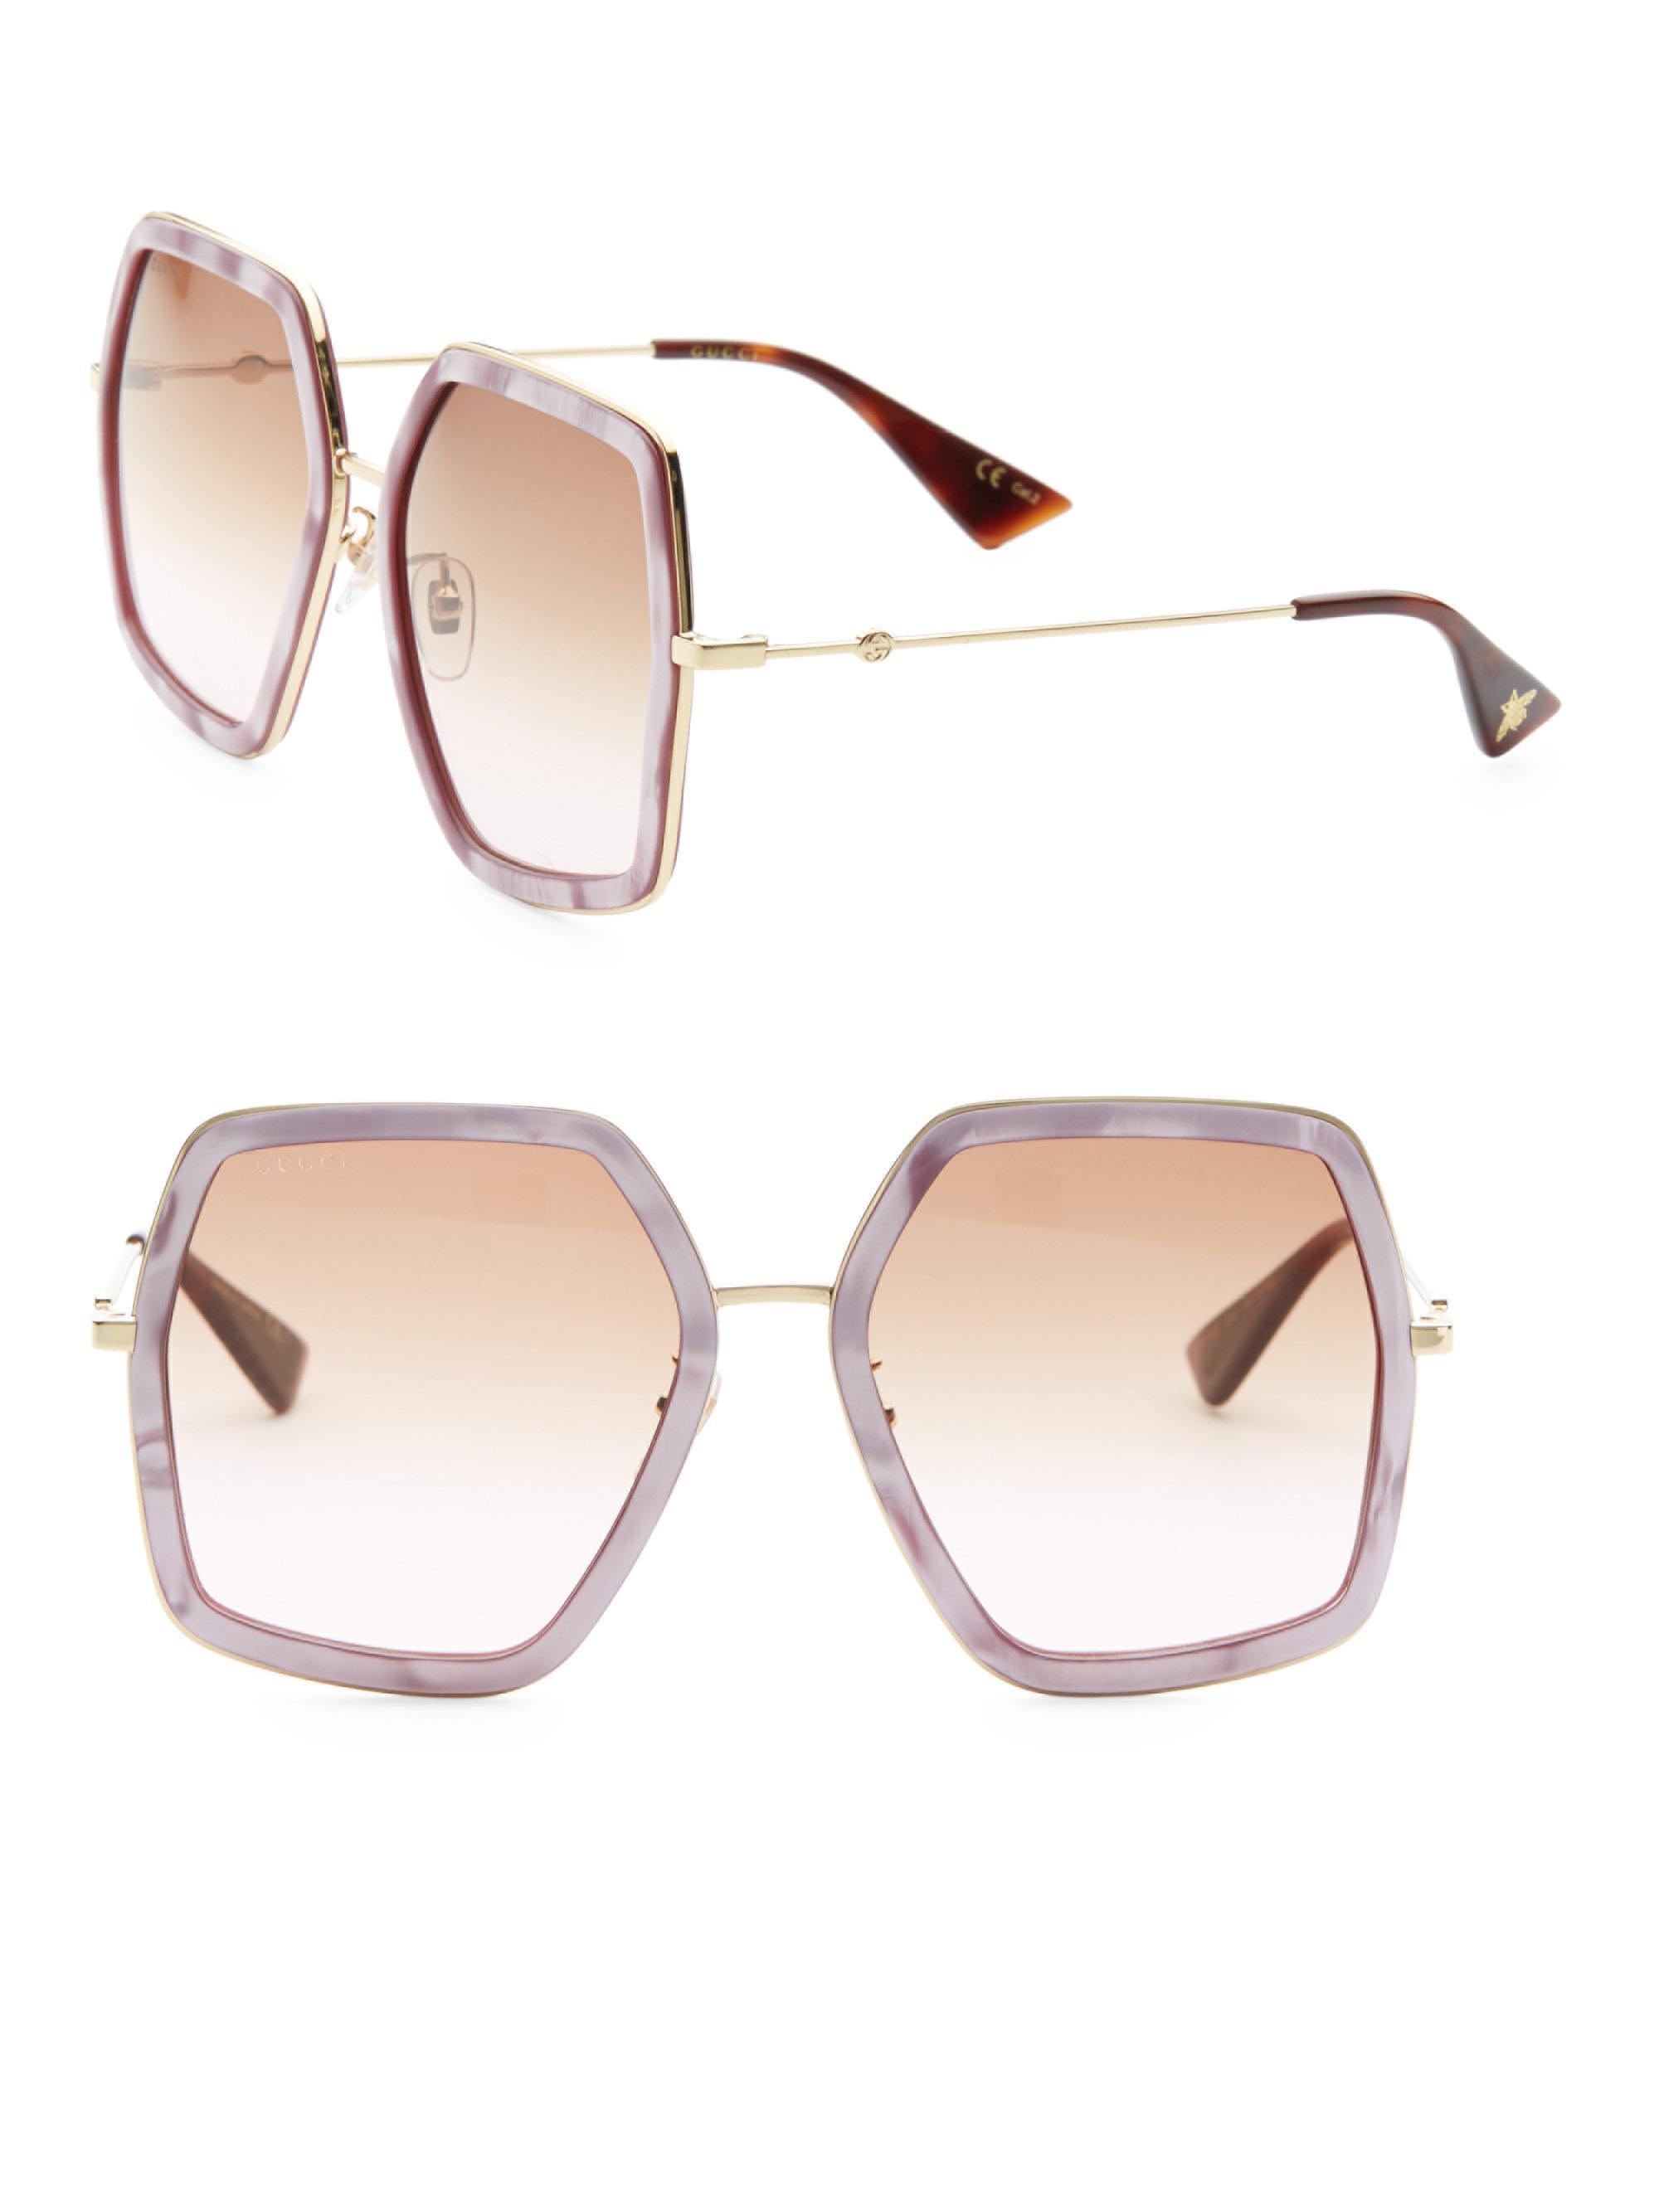 14d9b521b3d Gucci 56mm Geometric Sunglasses in Pink - Lyst